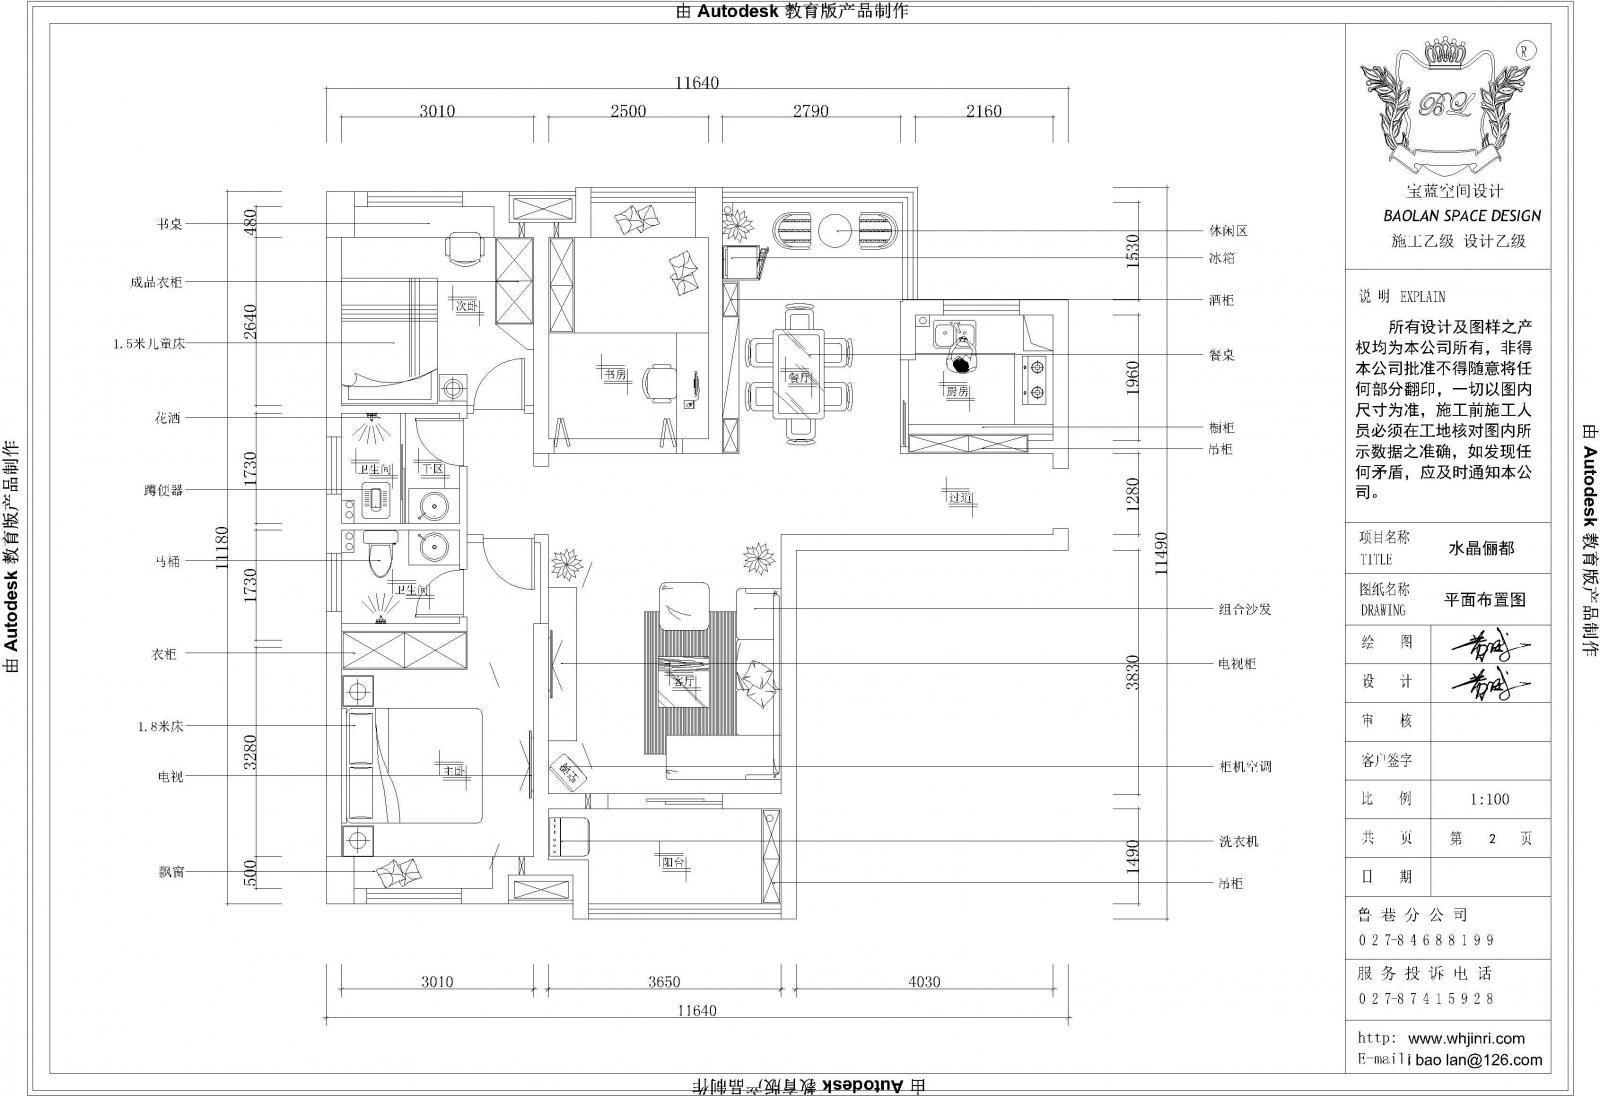 武汉装修设计师_武汉室内设计师_第19页-x团武汉装修网